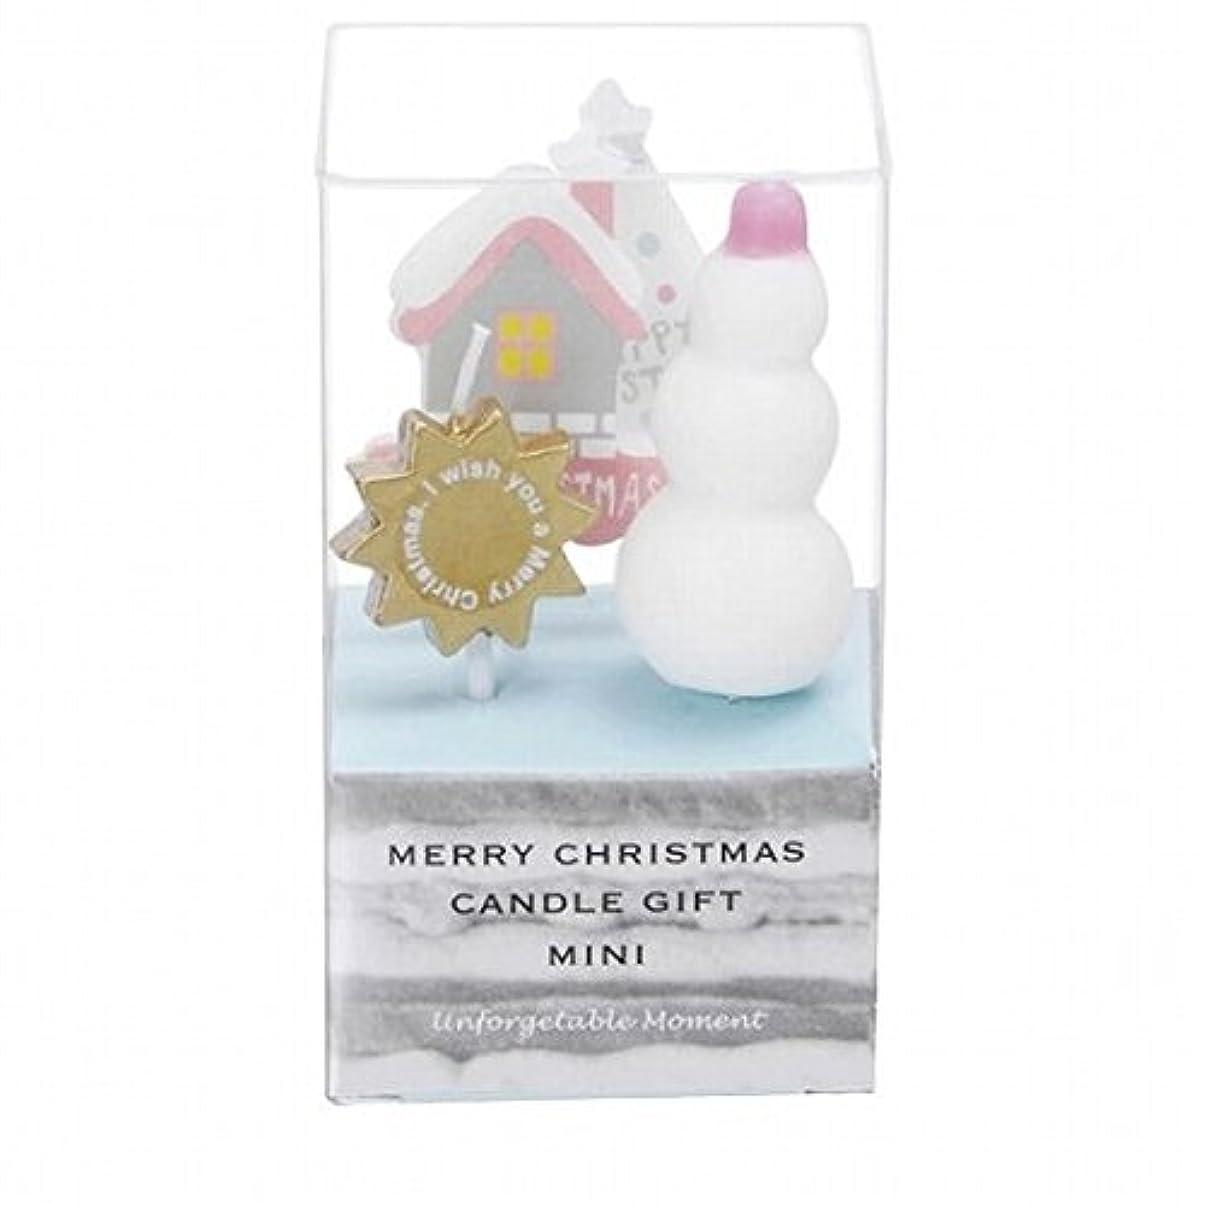 クランシー側溝競争力のあるkameyama candle(カメヤマキャンドル) クリスマスキャンドルギフトミニ 「 B 」(55350050)